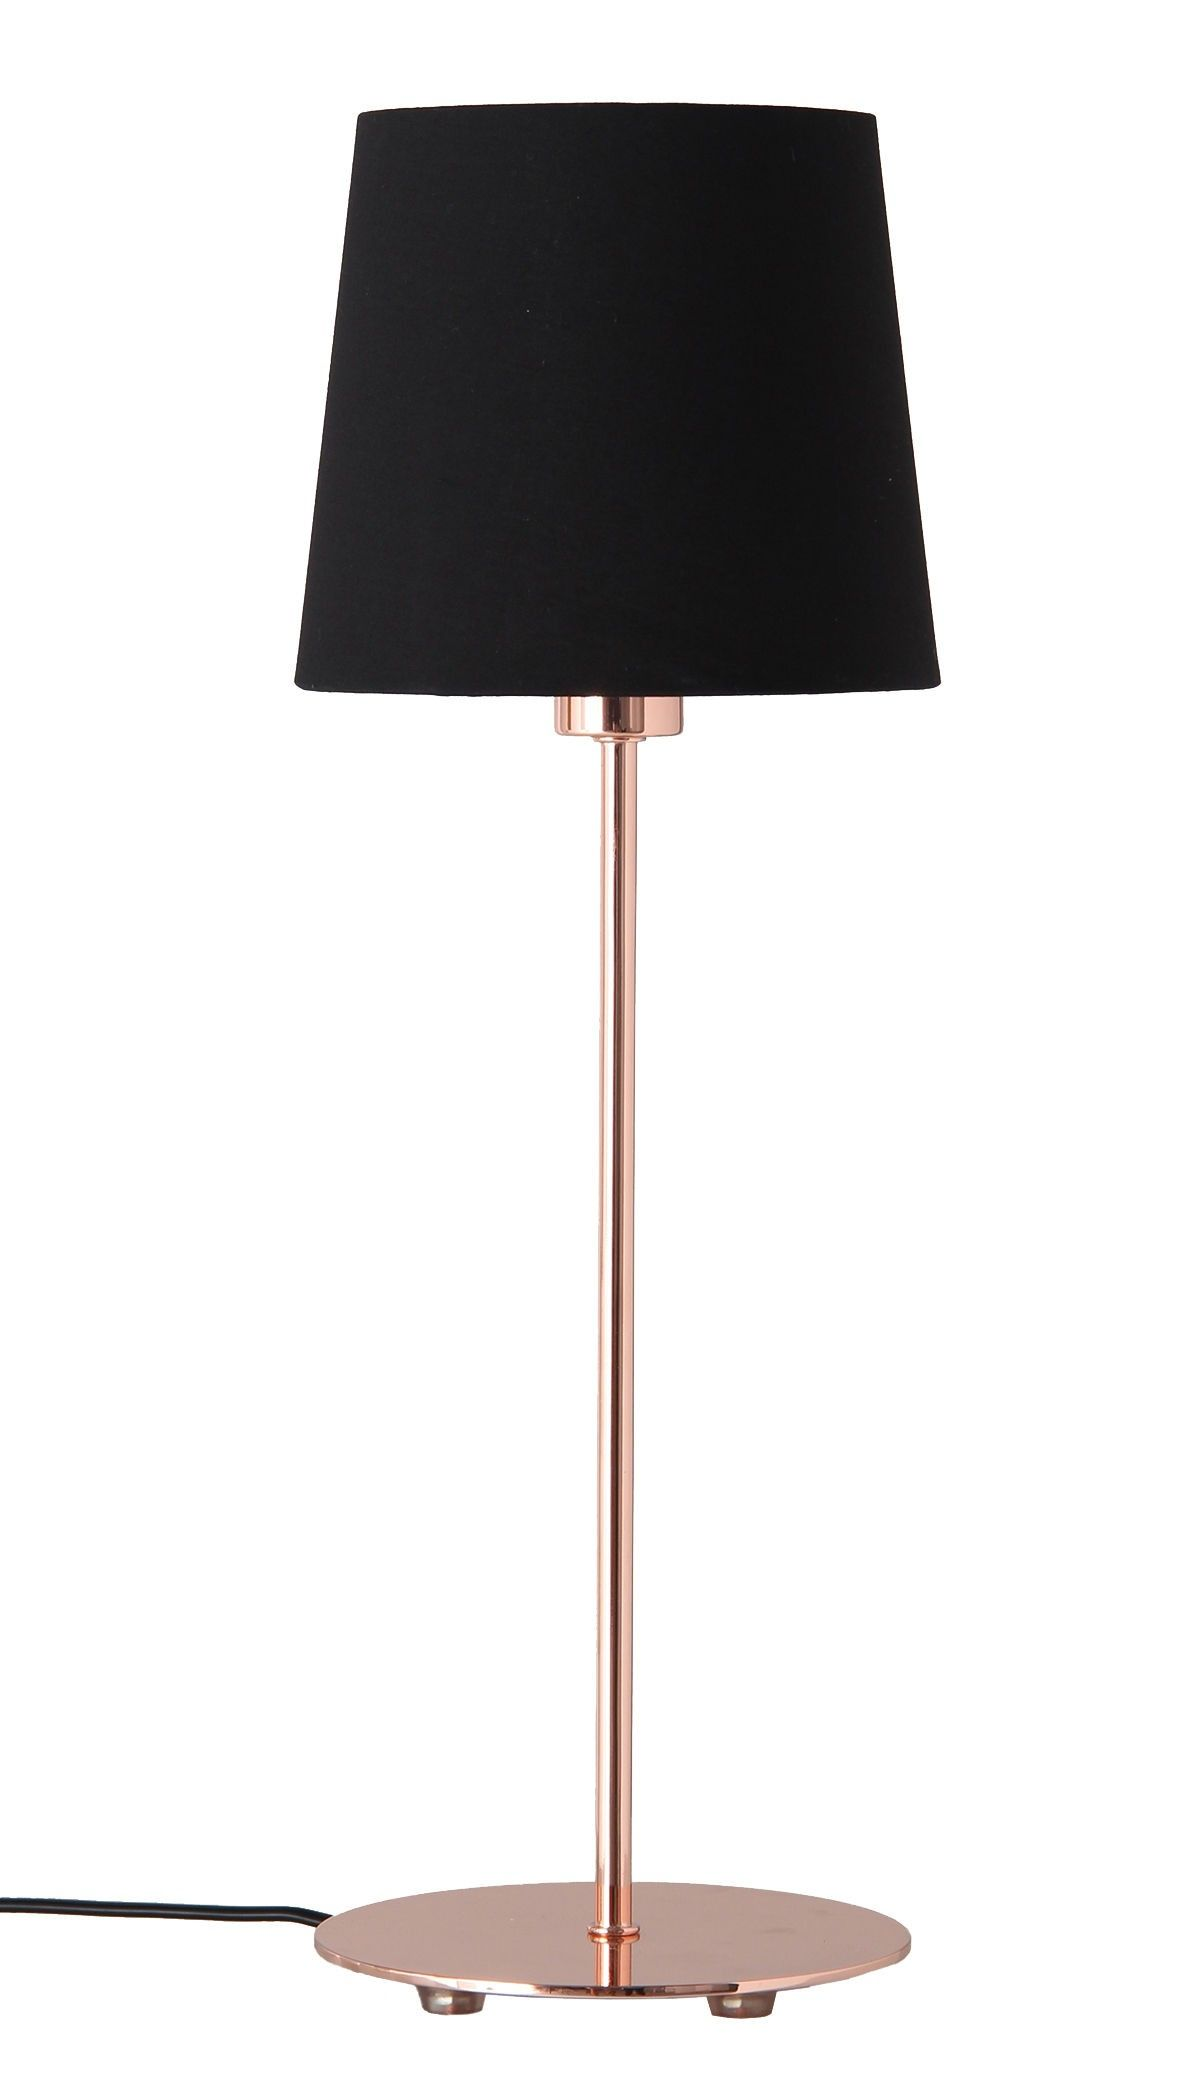 Frandsen Amalie Tischleuchte Tischleuchte Lampenschirm Schwarz Lampendesign